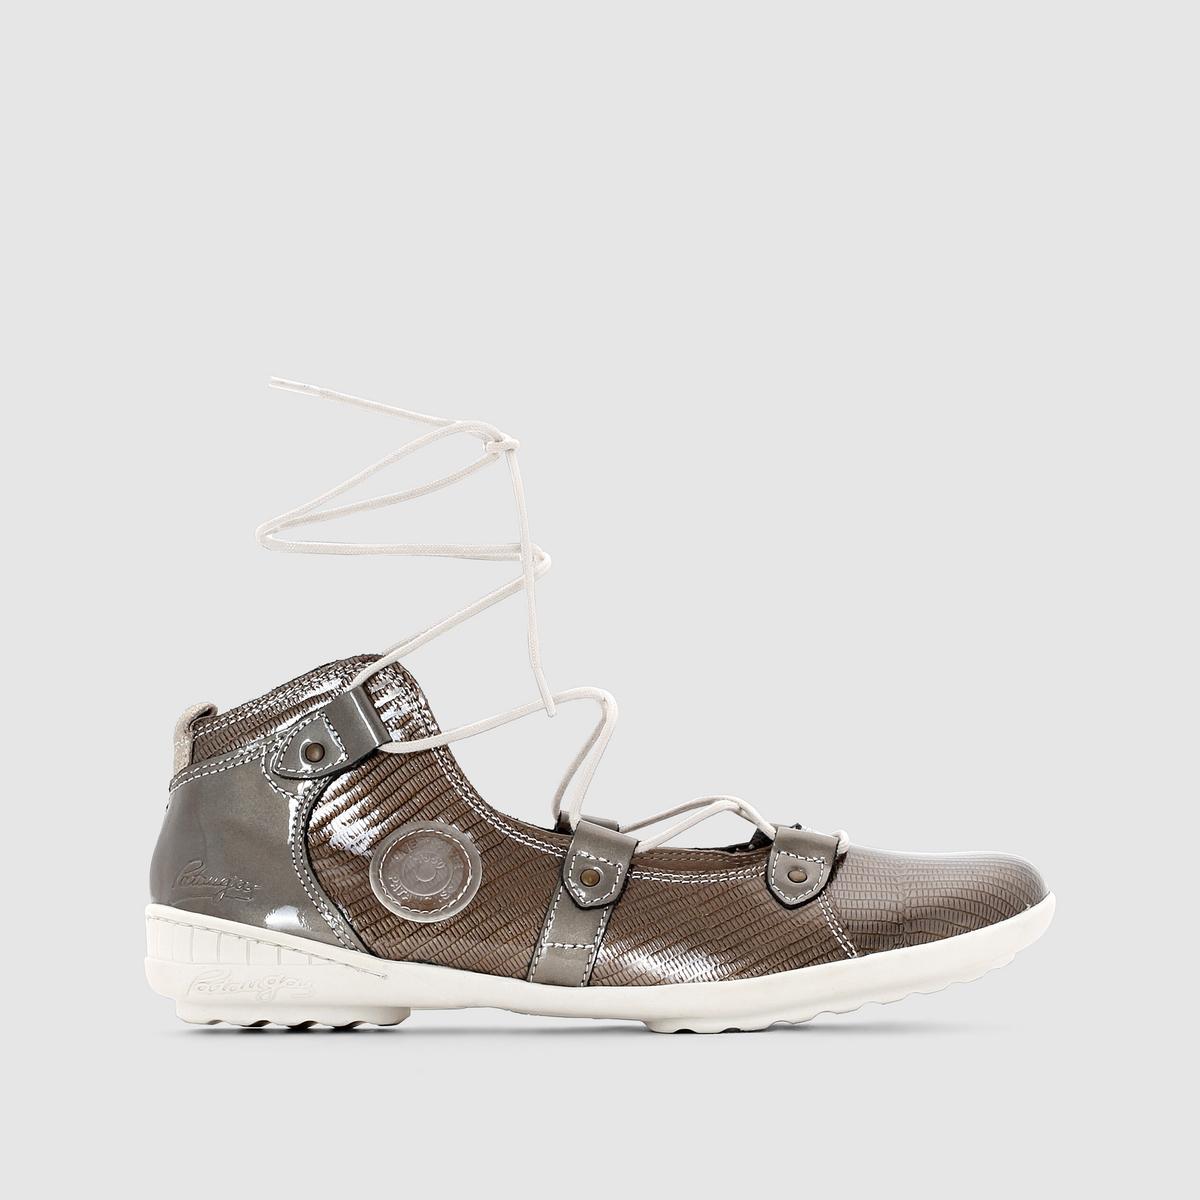 Балетки PATAUGAS NUTSСочетание шнуровки с ремешками, лакированной кожи и оригинального дизайна : Культовая марка для любителей прогулок 50-х Pataugas создает сегодня для нас оригинальную обувь отличной тому пример - эти яркие балетки   !<br><br>Цвет: серо-коричневый лак<br>Размер: 38